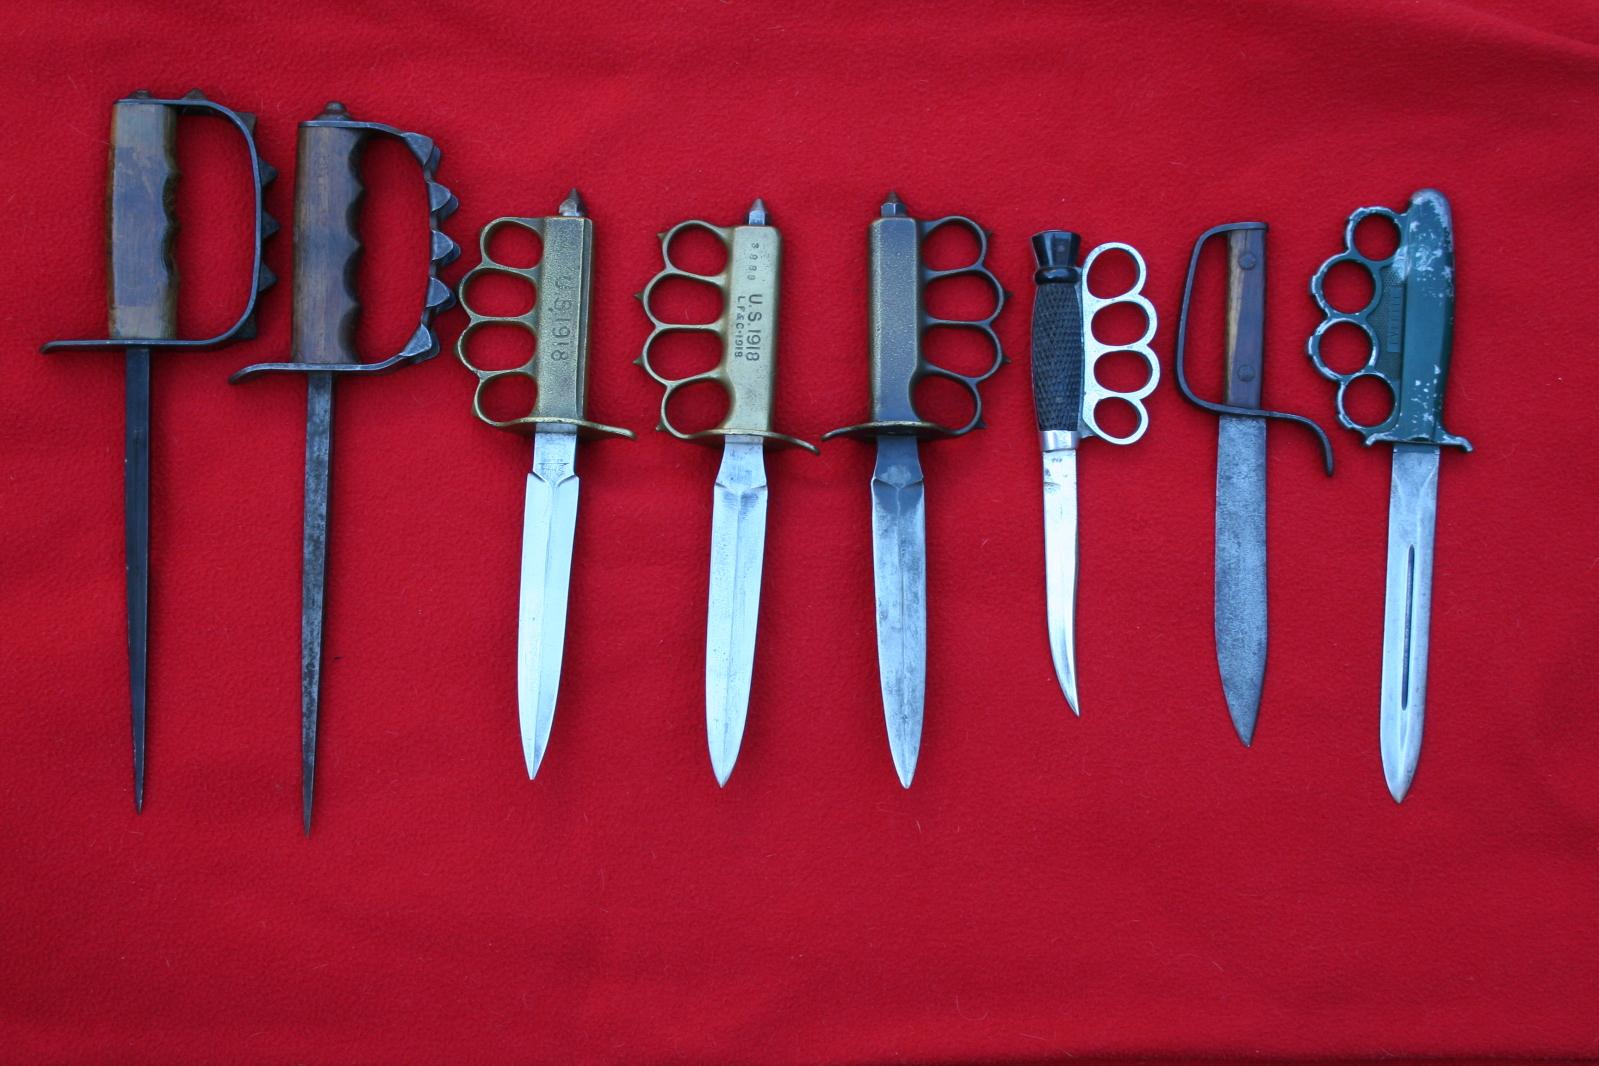 collection de lames de fabnatcyr (dague poignard couteau) - Page 5 2gtcei8